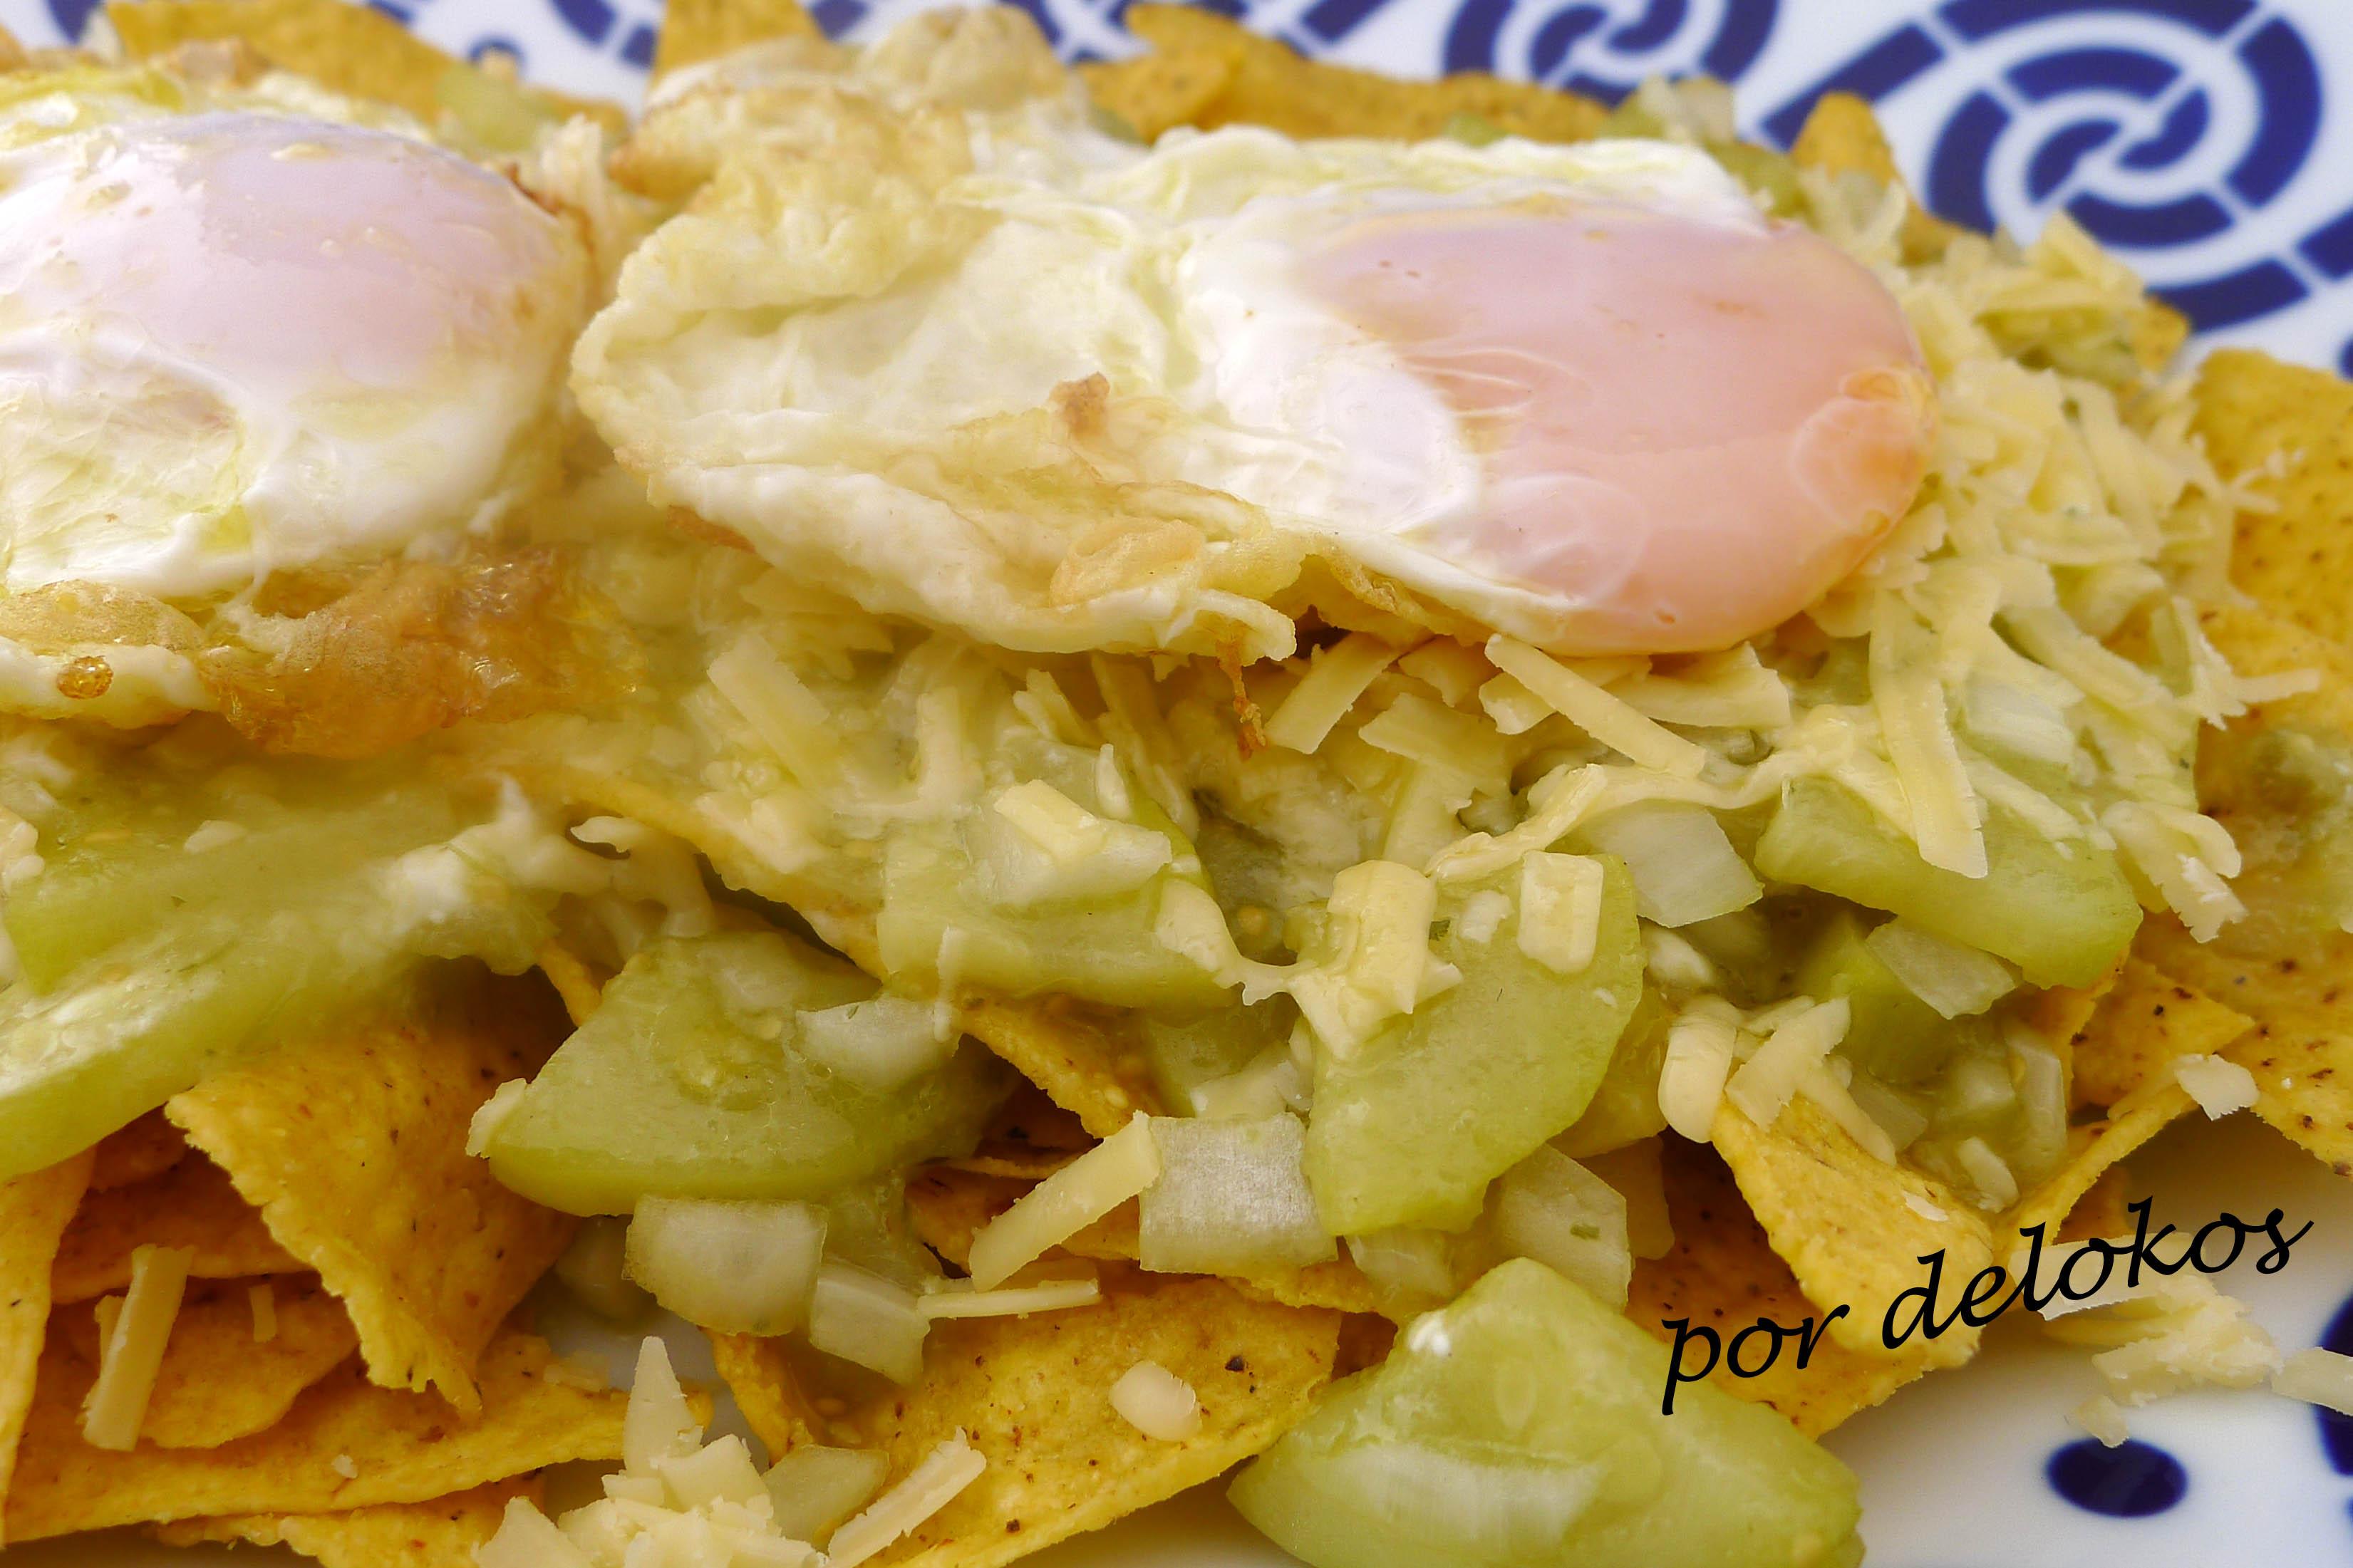 Chilaquiles verdes vegetarianos, por delokos